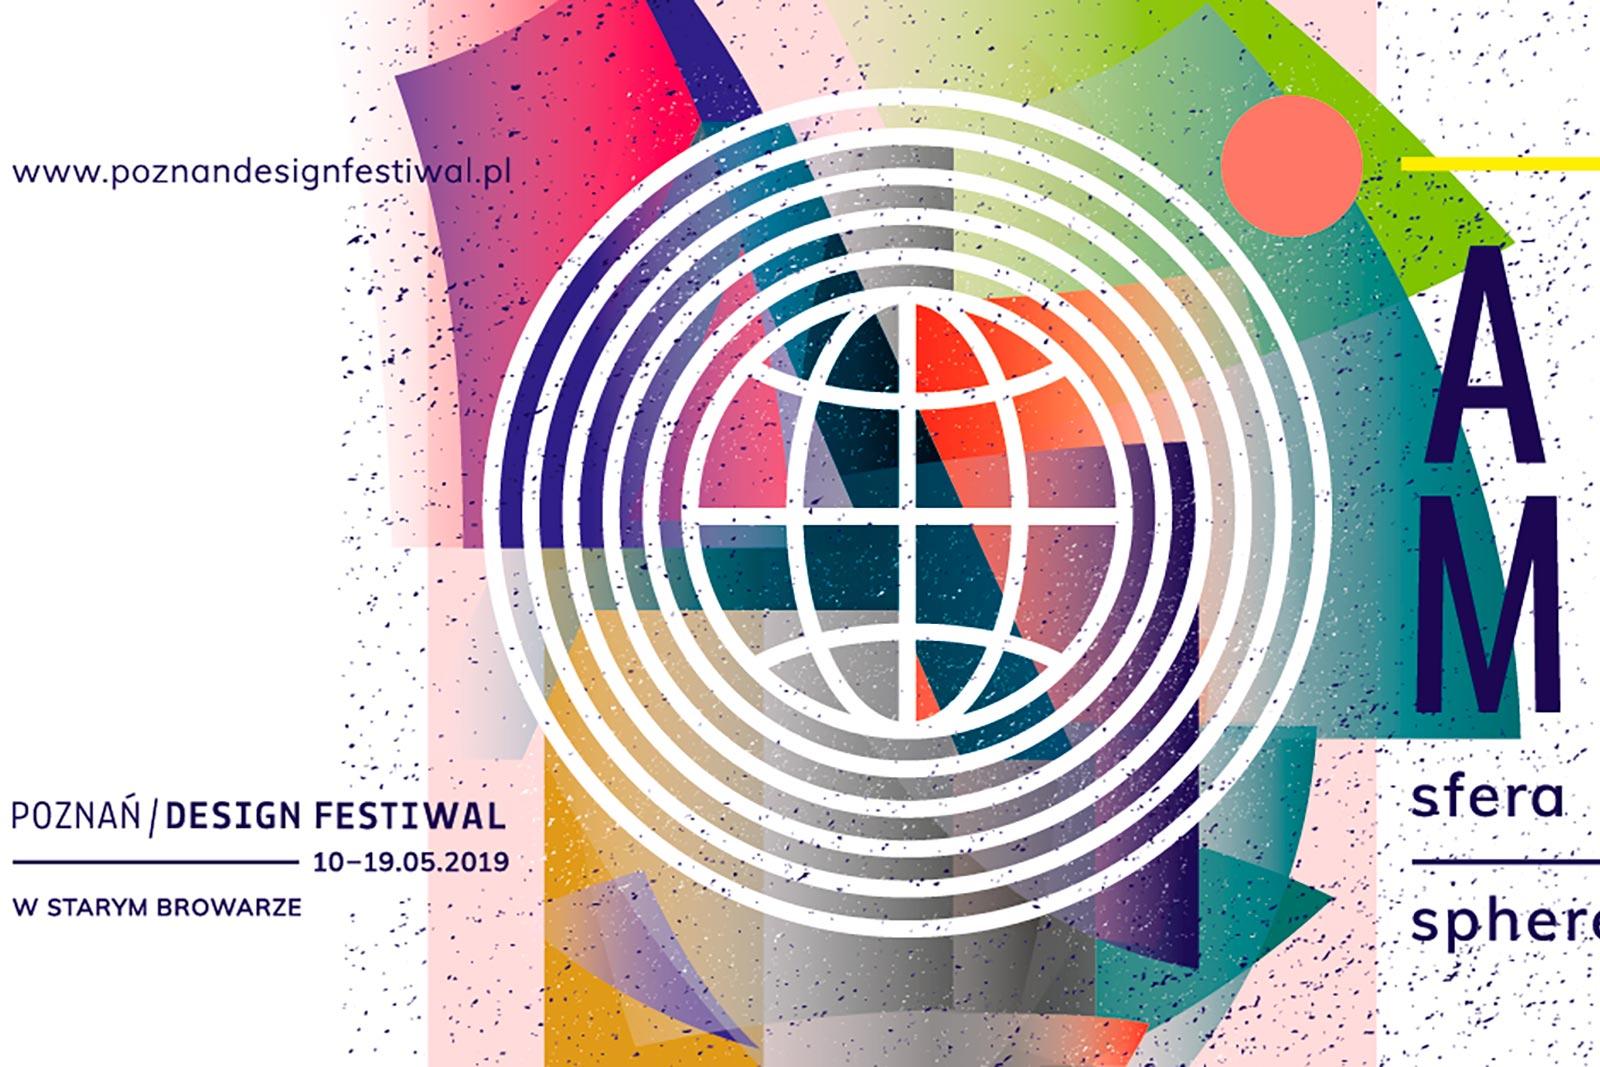 Poznan Design Festival